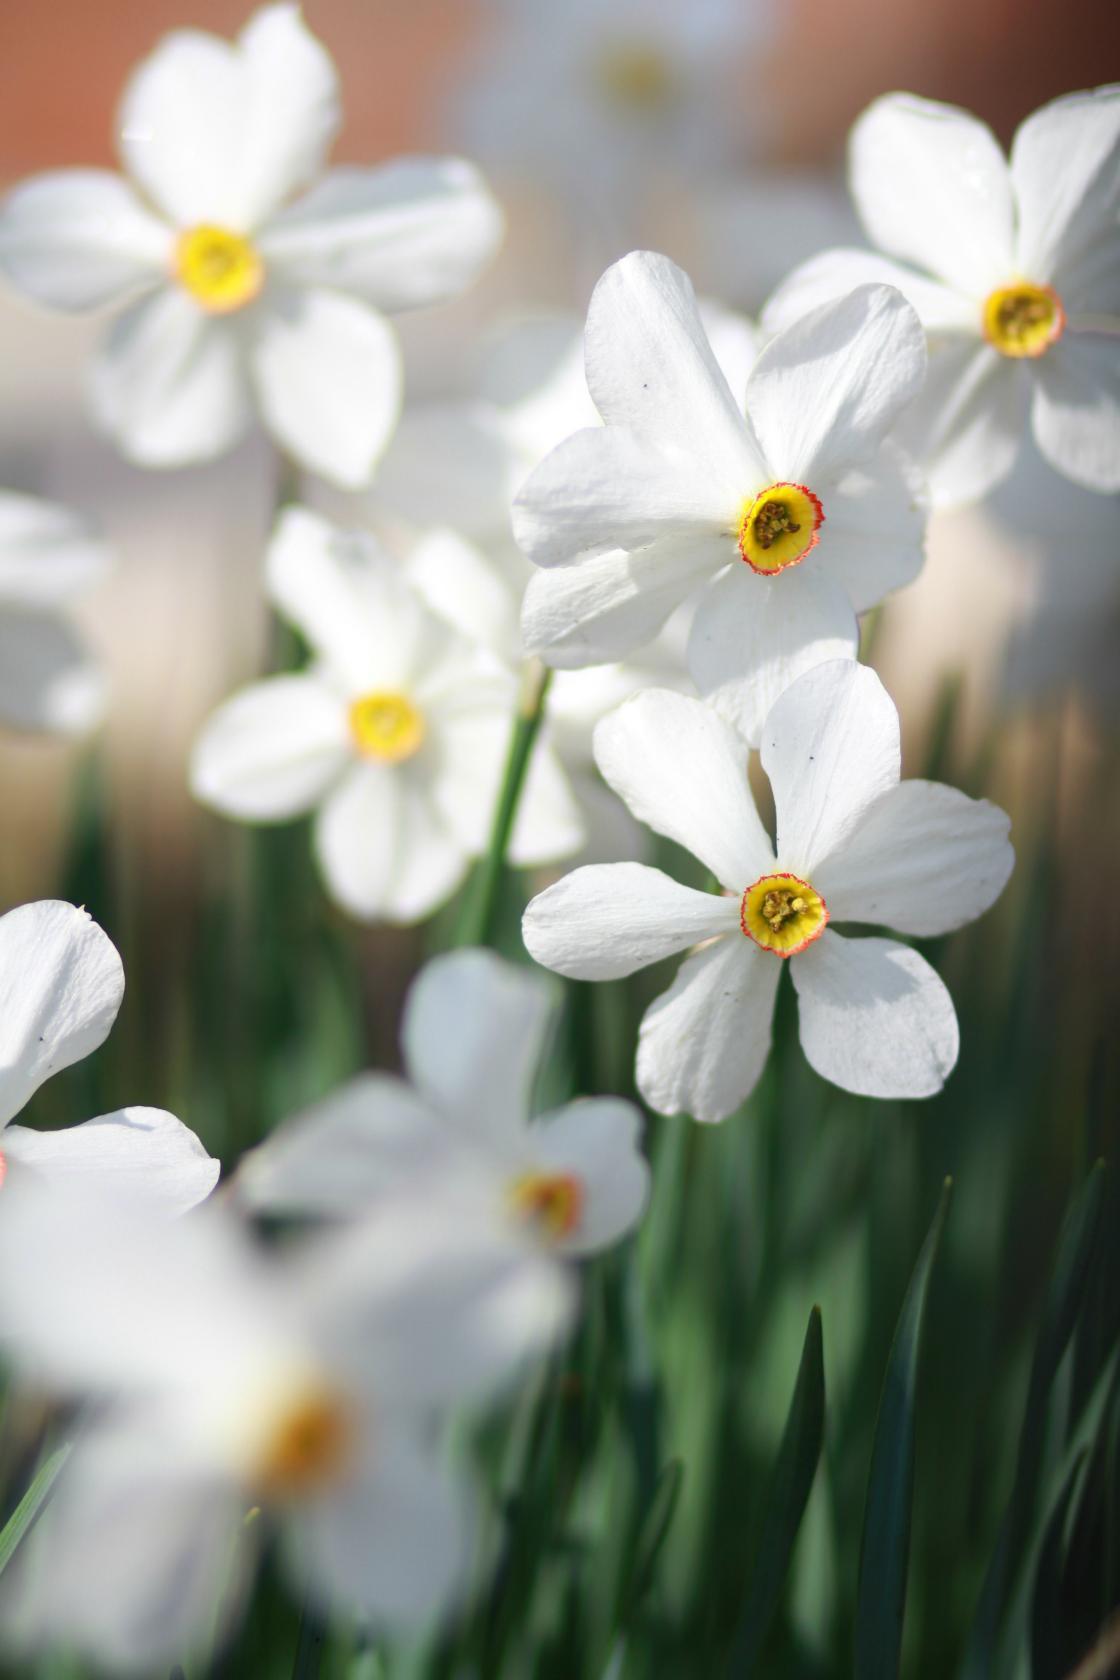 Белоснежные нарциссы!. Блиц: белые цветы